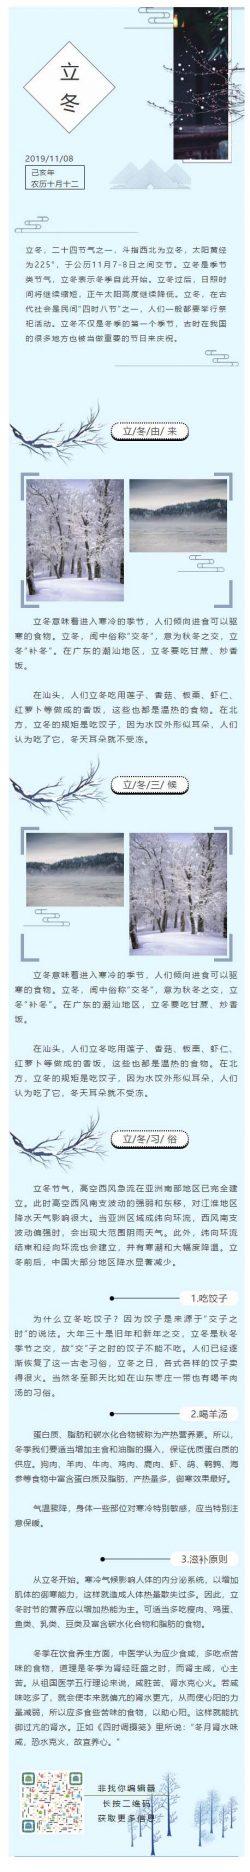 立冬二十四节气之一传统节日淡蓝色中国风公众号微信模板